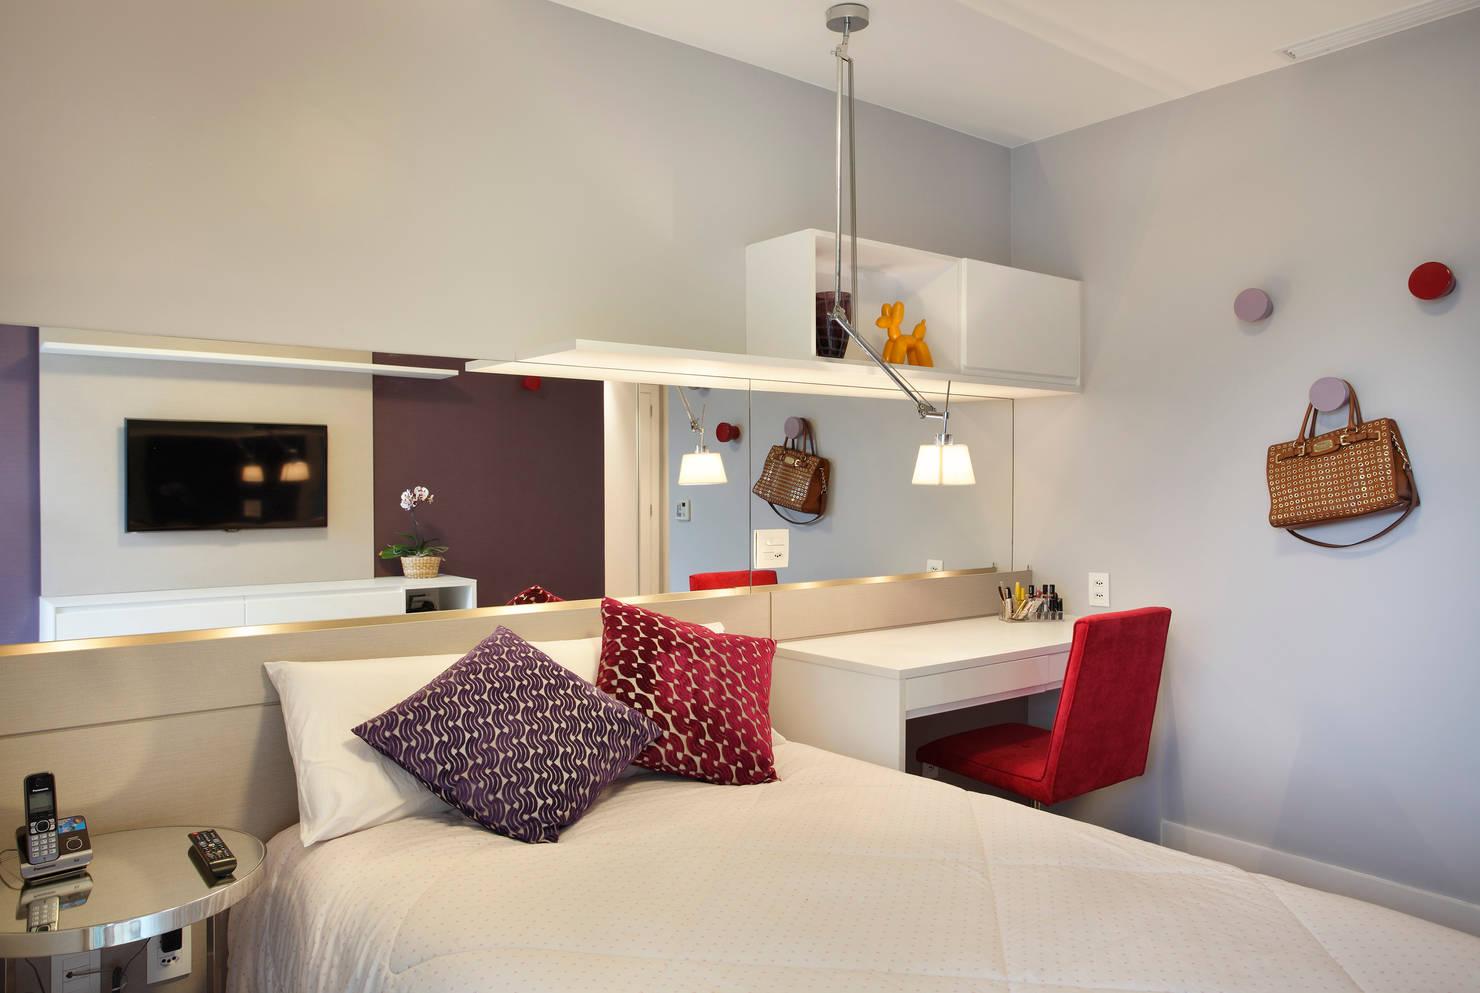 Un dormitorio ideal para cada signo del zodíaco